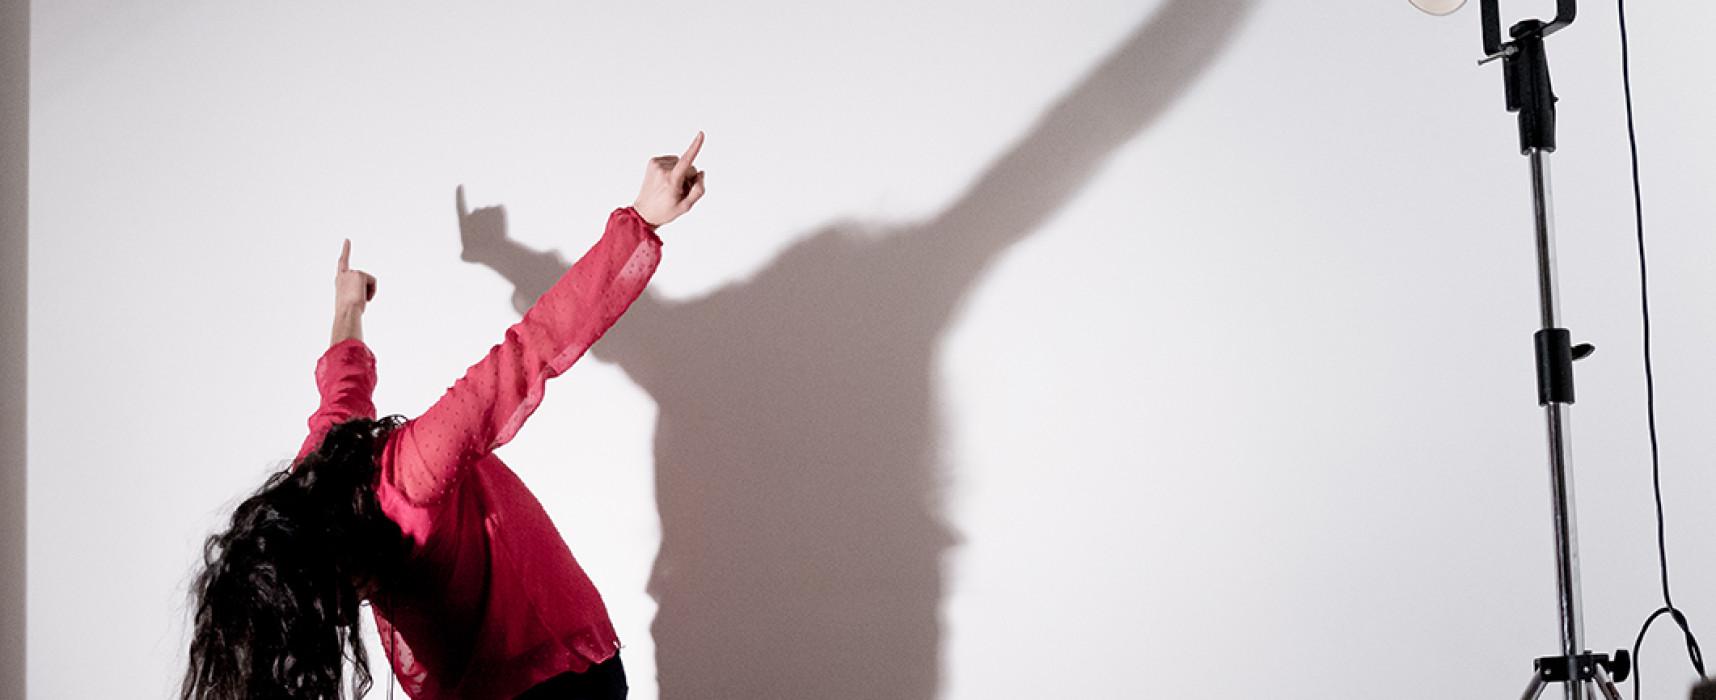 Sosta Palmizi invita alla Masterclass_Arezzo sull'arte del movimento